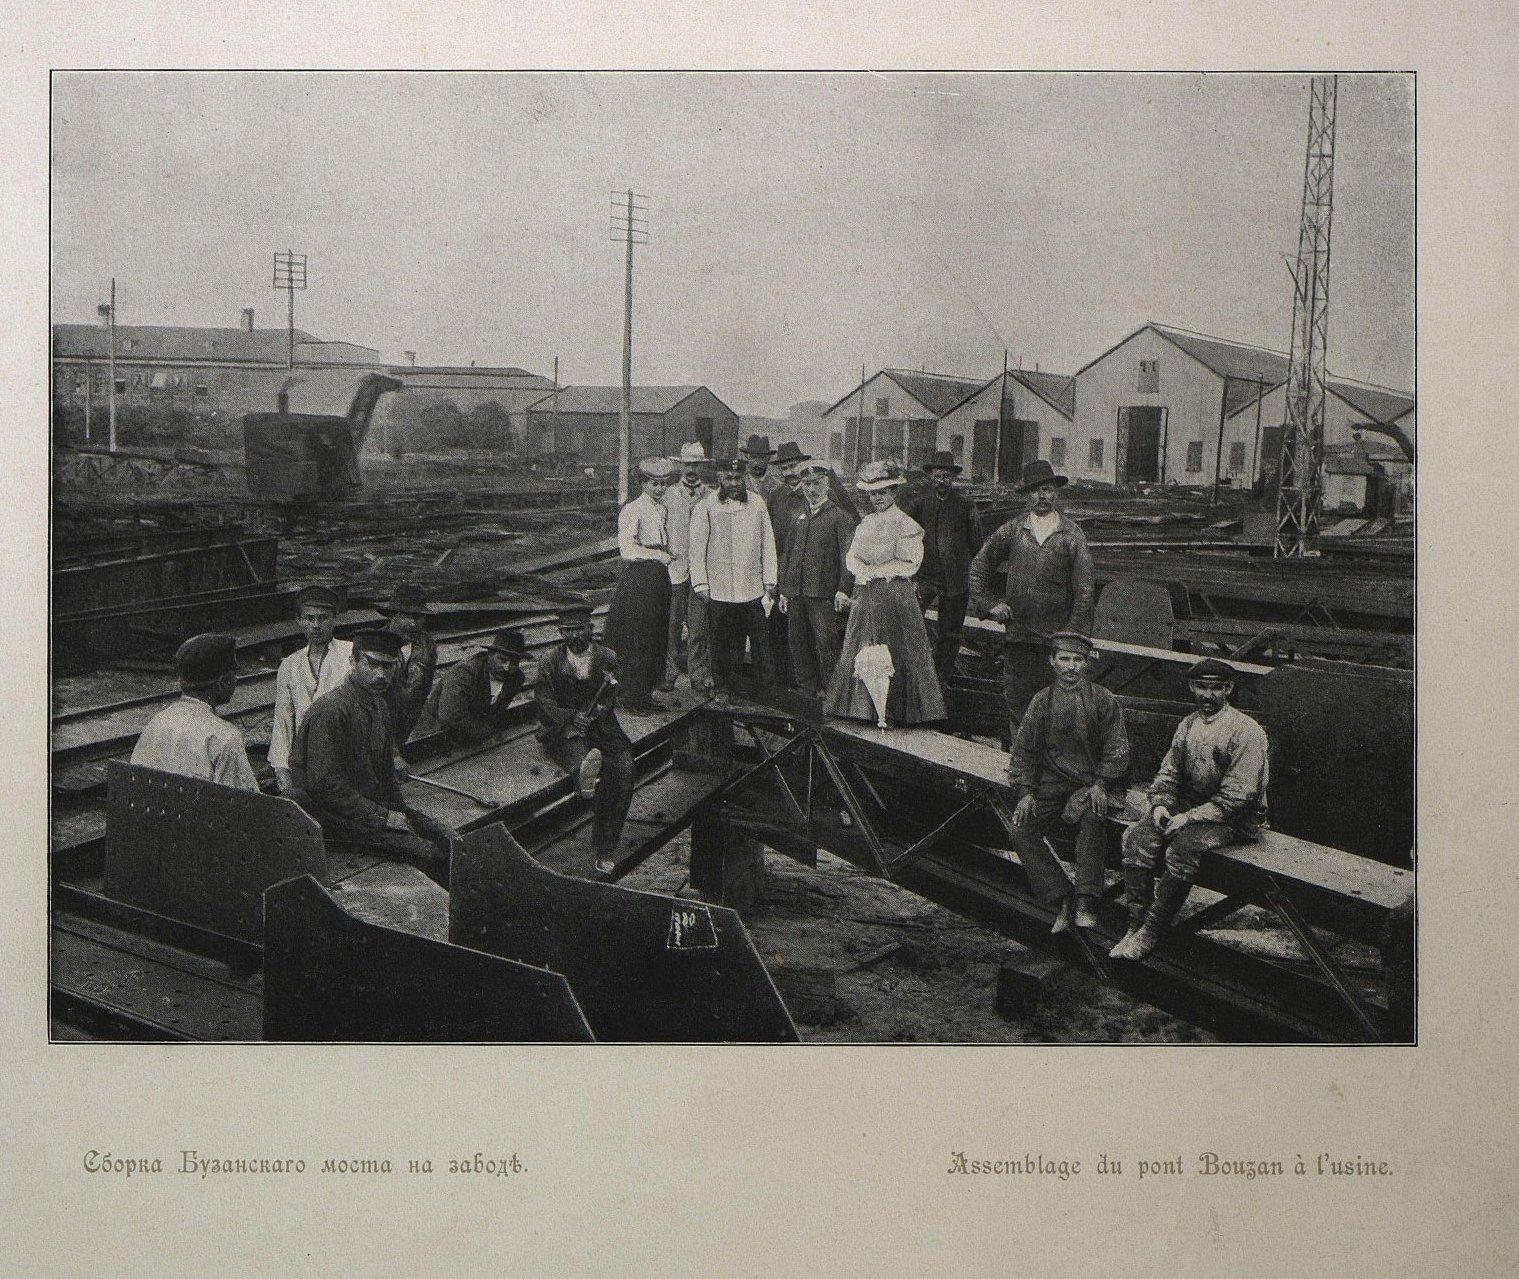 07. Сборка Бузанского моста на заводе